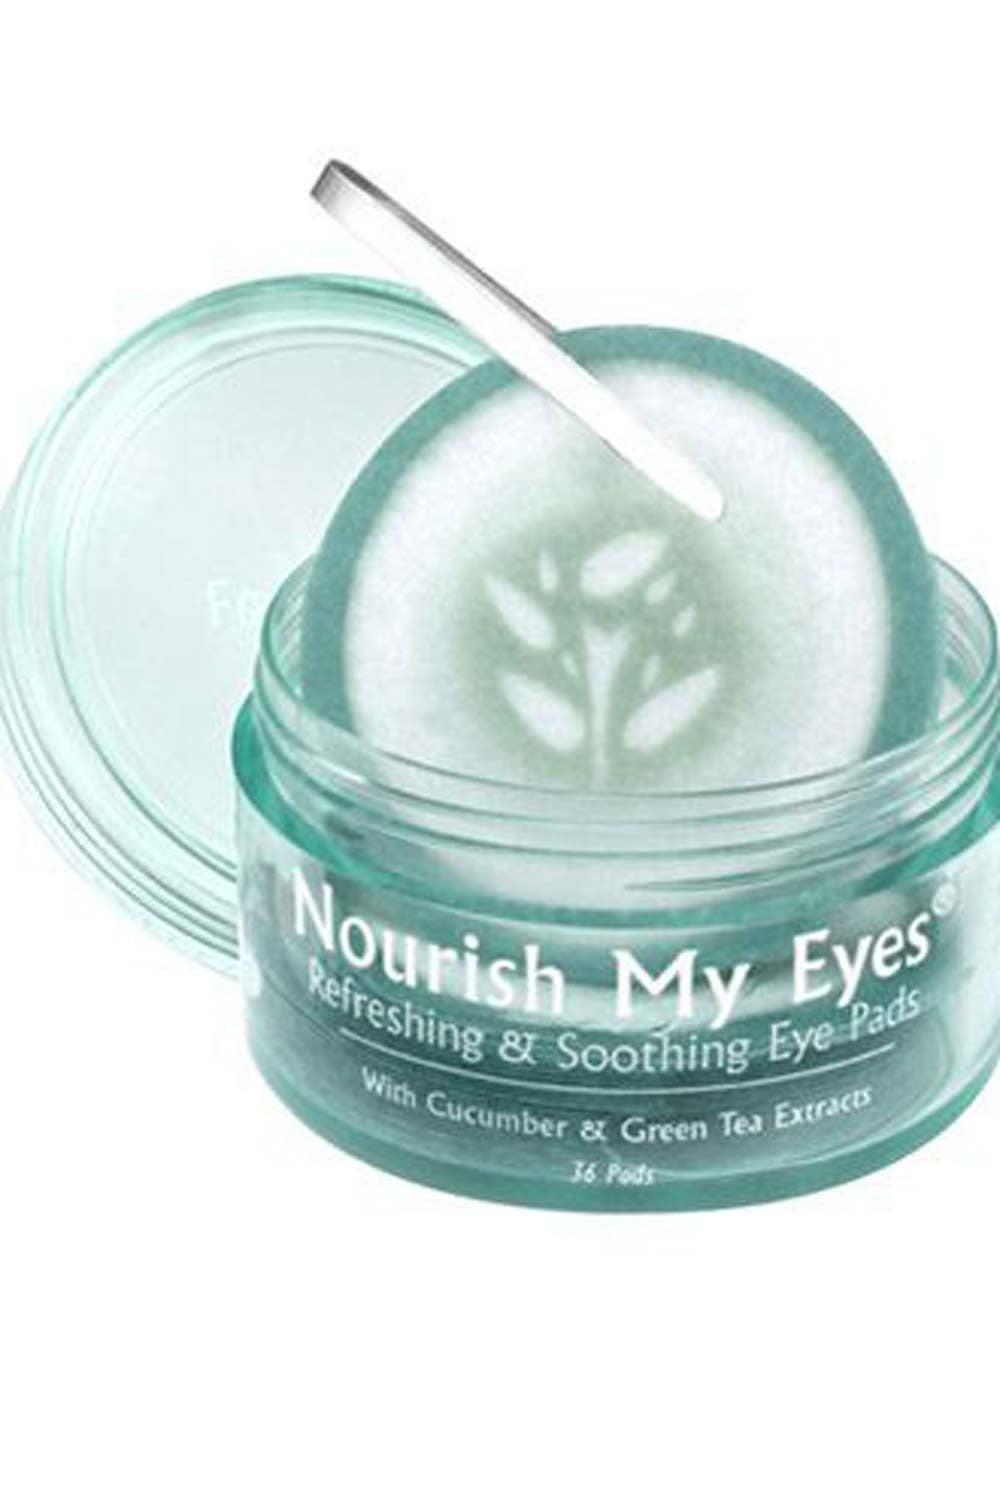 Nourish-My-Eyes